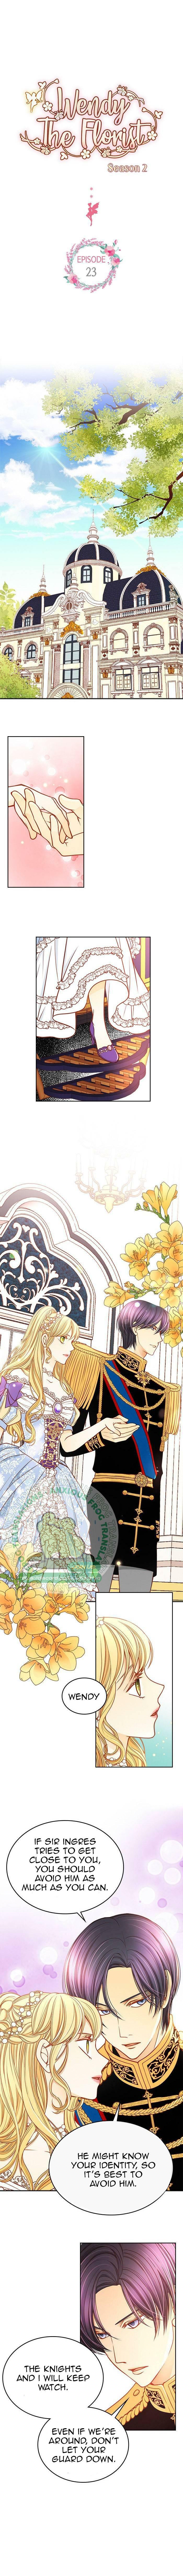 Wendy The Florist Chapter 64 page 3 - Mangakakalot